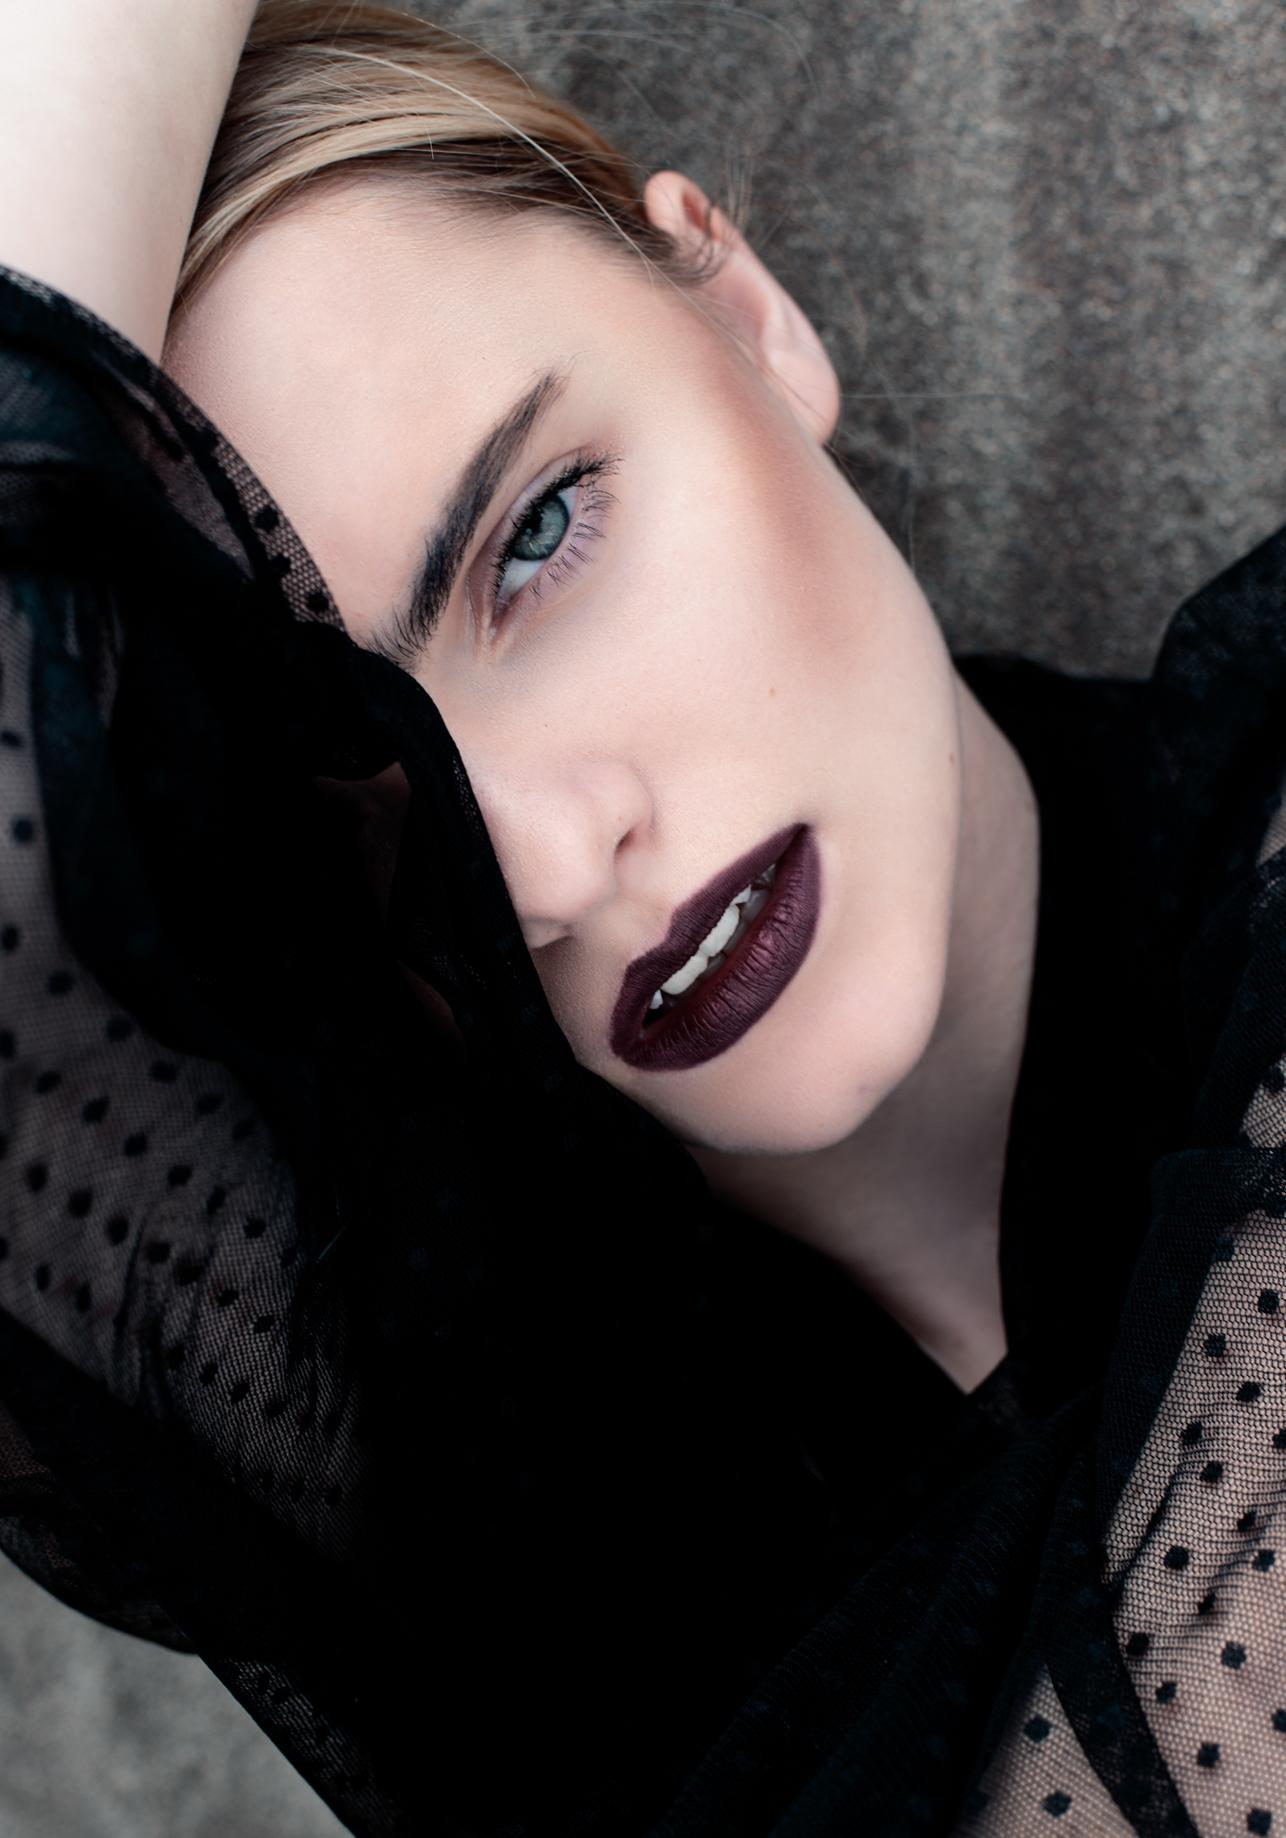 Natalia_web-15.jpg